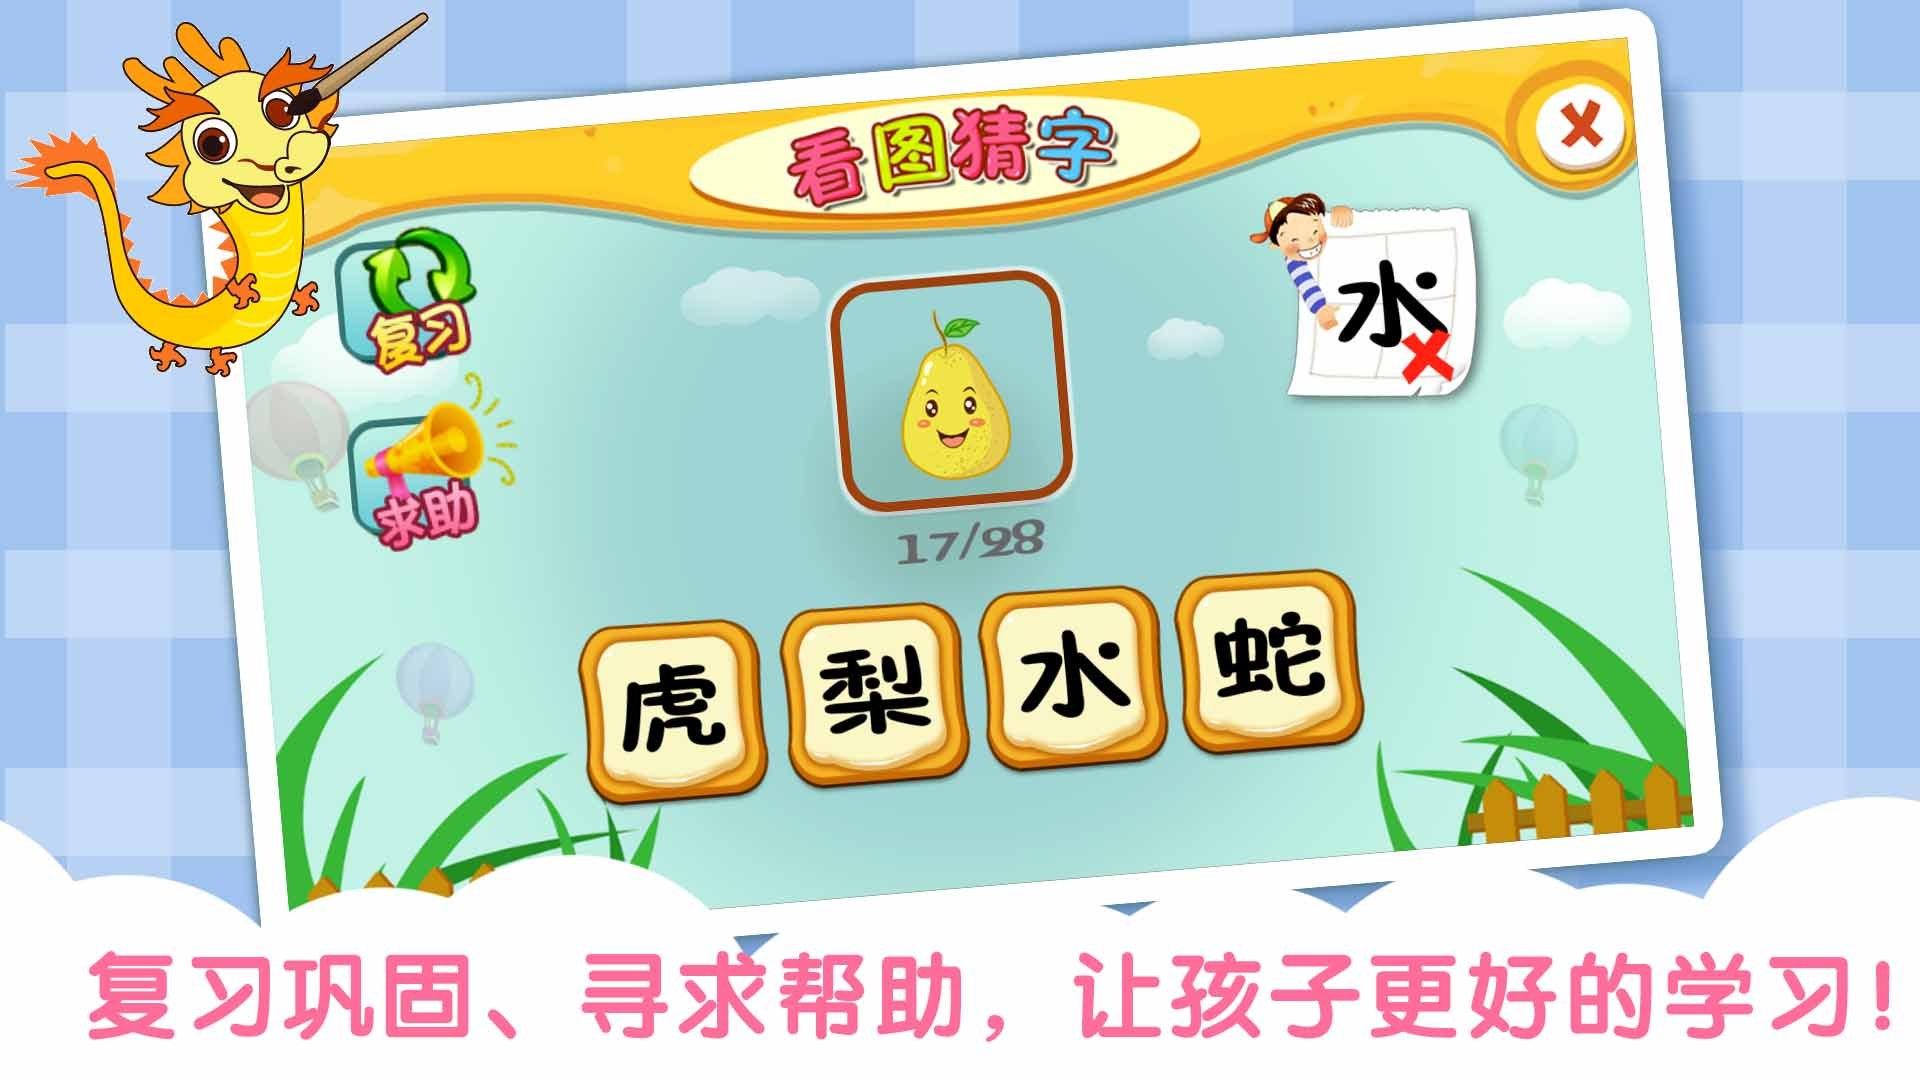 儿童看图识字游戏 v6.1.5 安卓版界面图2